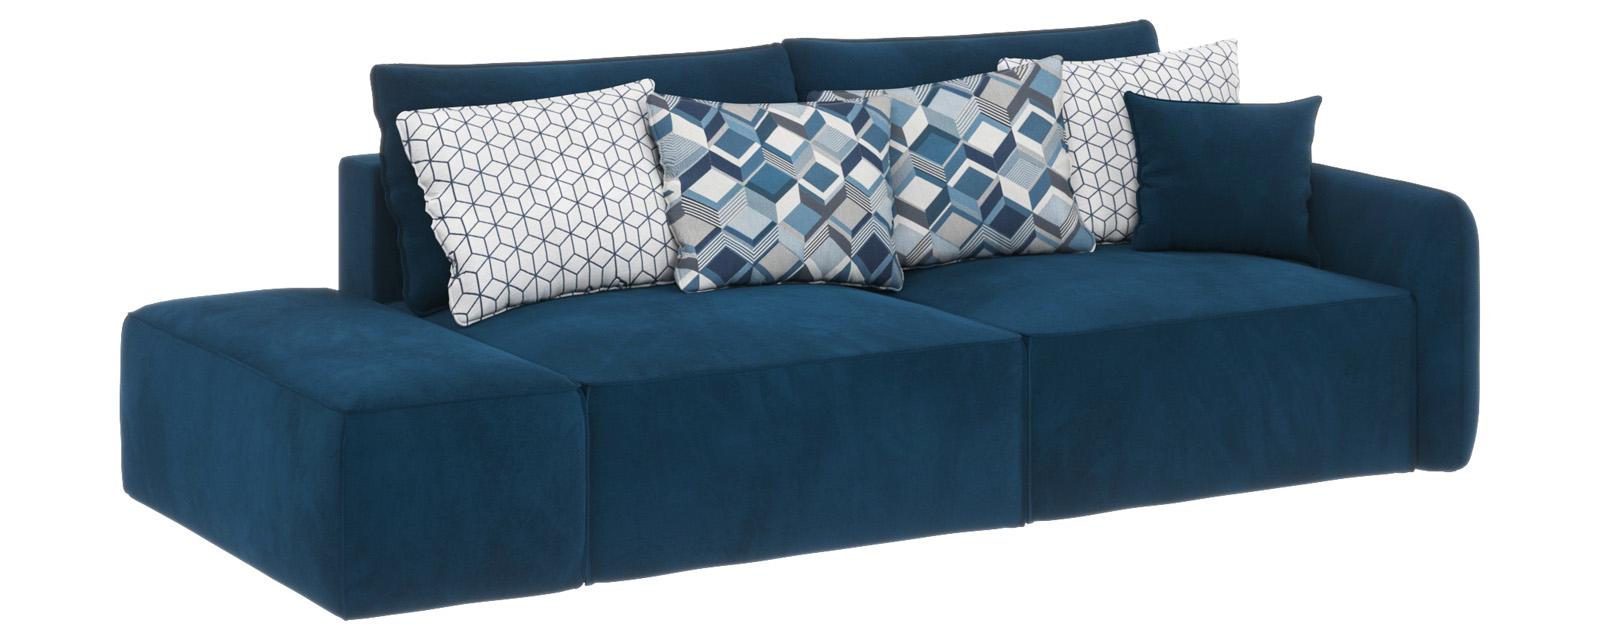 Купить Модульный диван Портленд вариант №2 Premier светло-синий (Микровелюр), HomeMe, Светло-синий